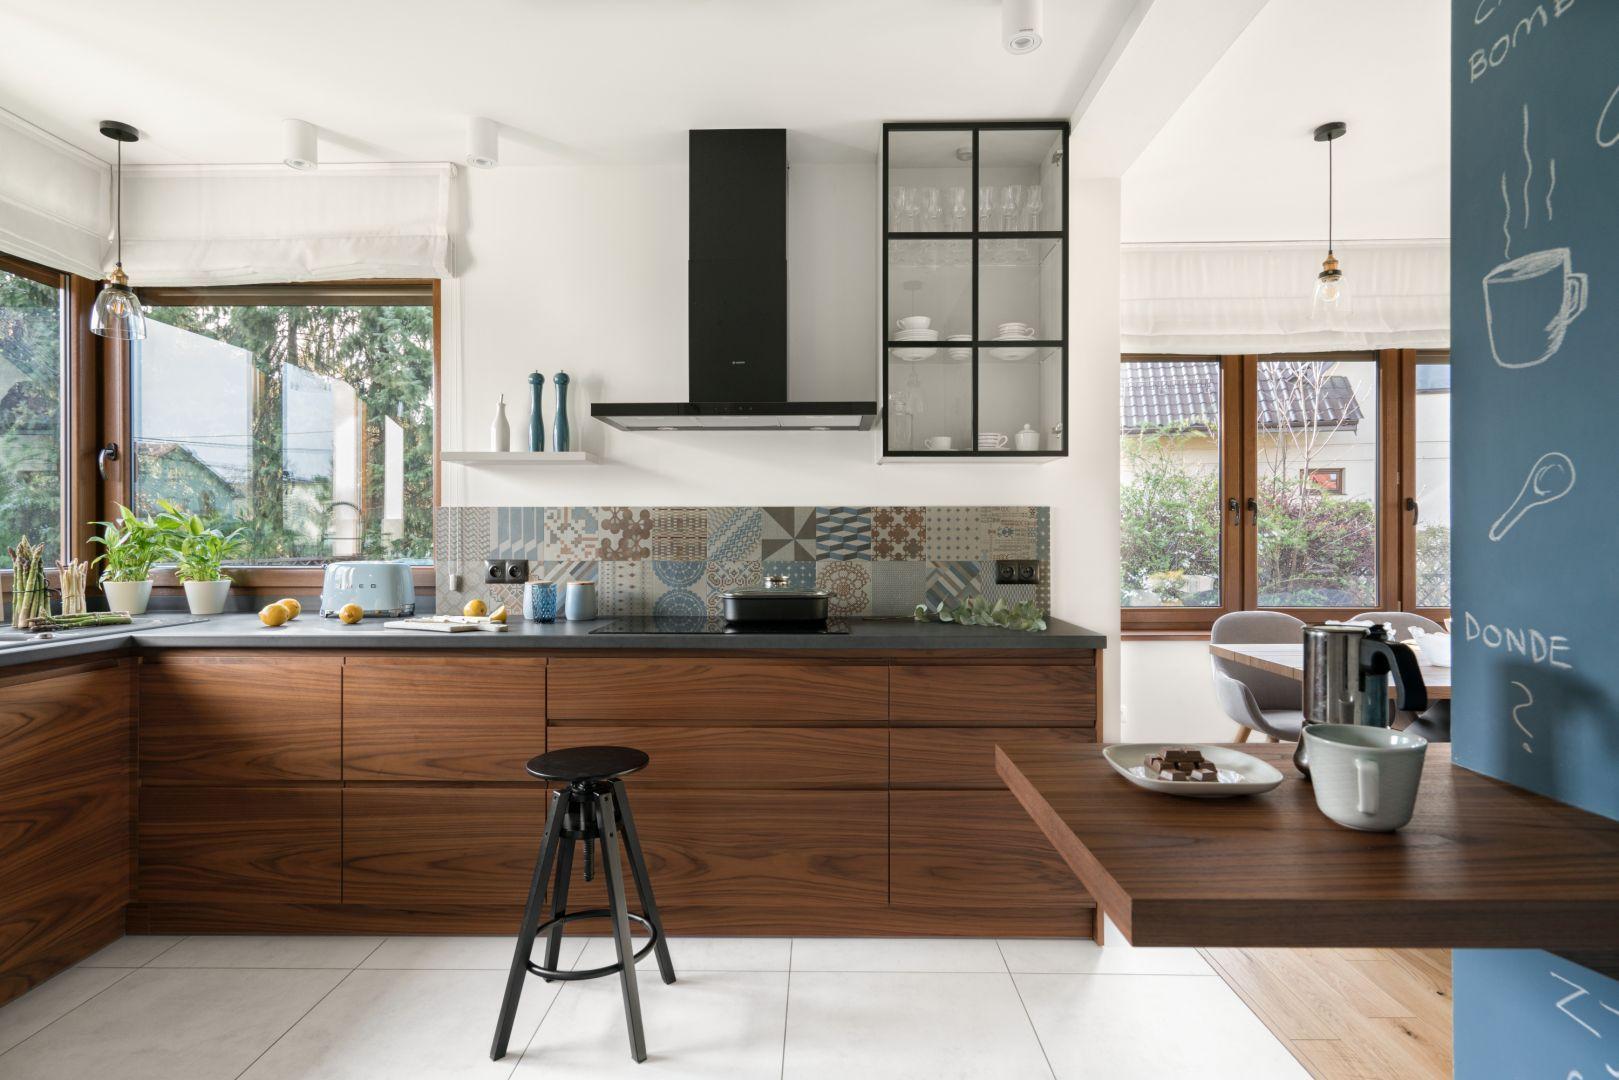 Przechowywanie w kuchni. Warto zmierzyć wysokość półek i szerokość szuflad, w których zamierzamy umieścić pojemniki, zanim je kupimy. Projekt: MM Architekci. Fot. Jeremiasz Nowak